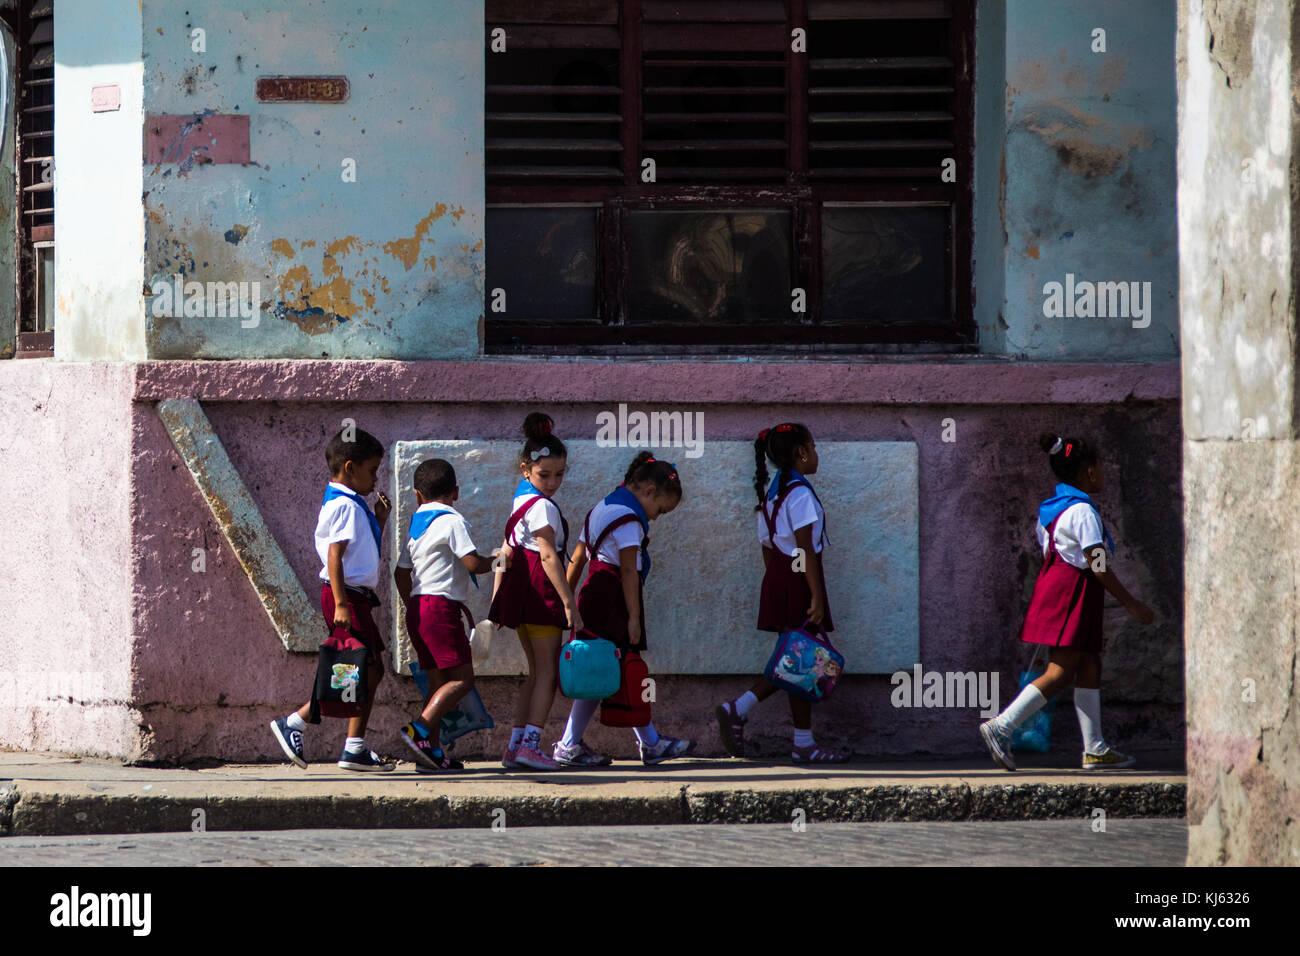 Schoolchildren in a row, Cienfuegos, Cuba - Stock Image